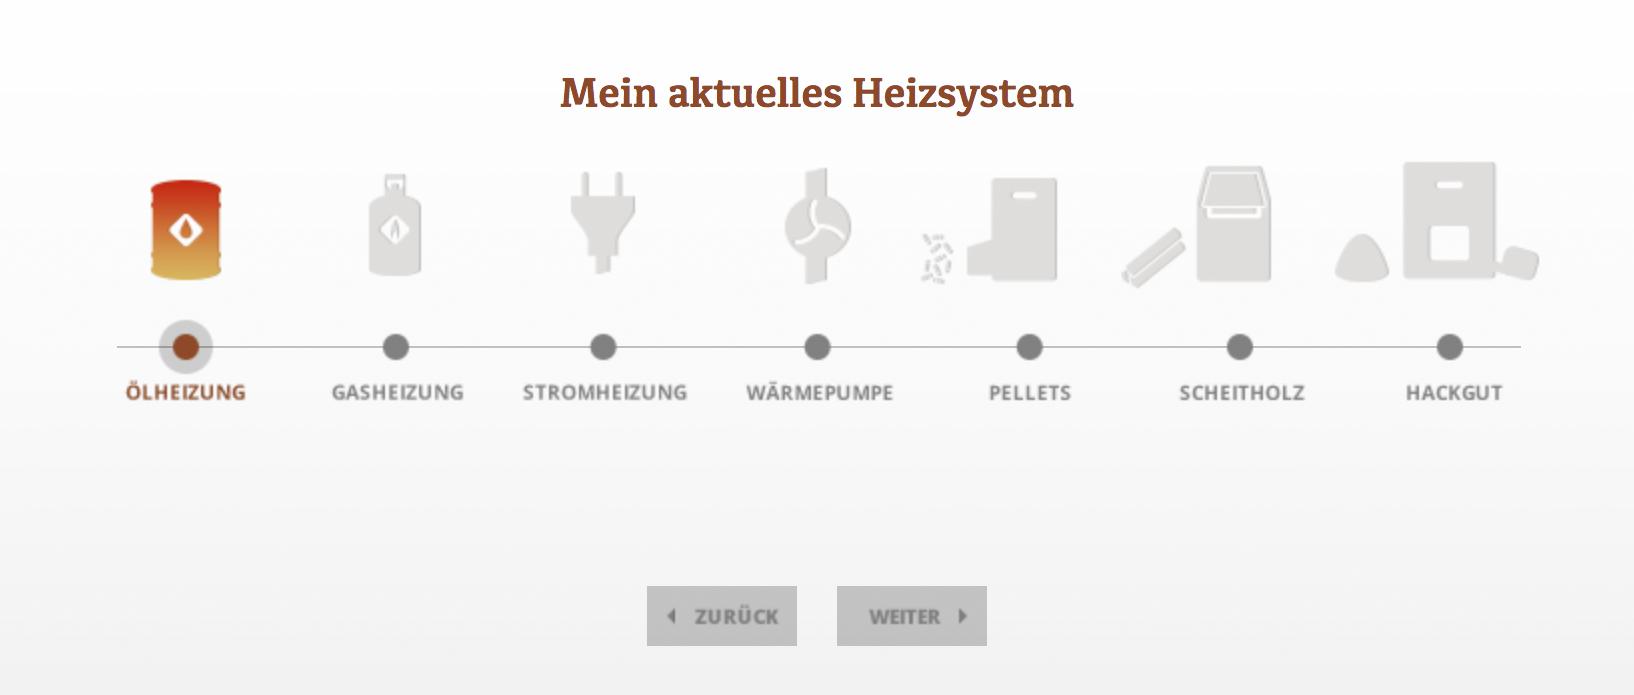 Großartig Schaltplan Der Gasheizung Zeitgenössisch - Schaltplan ...